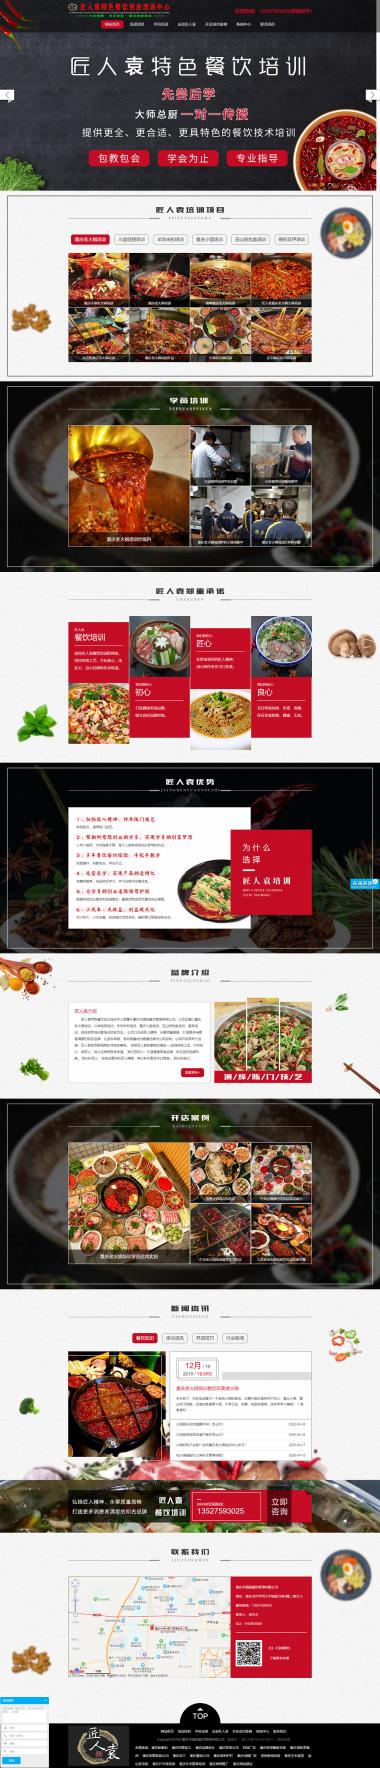 匠人袁特色餐饮创业培训中心网站建设案例